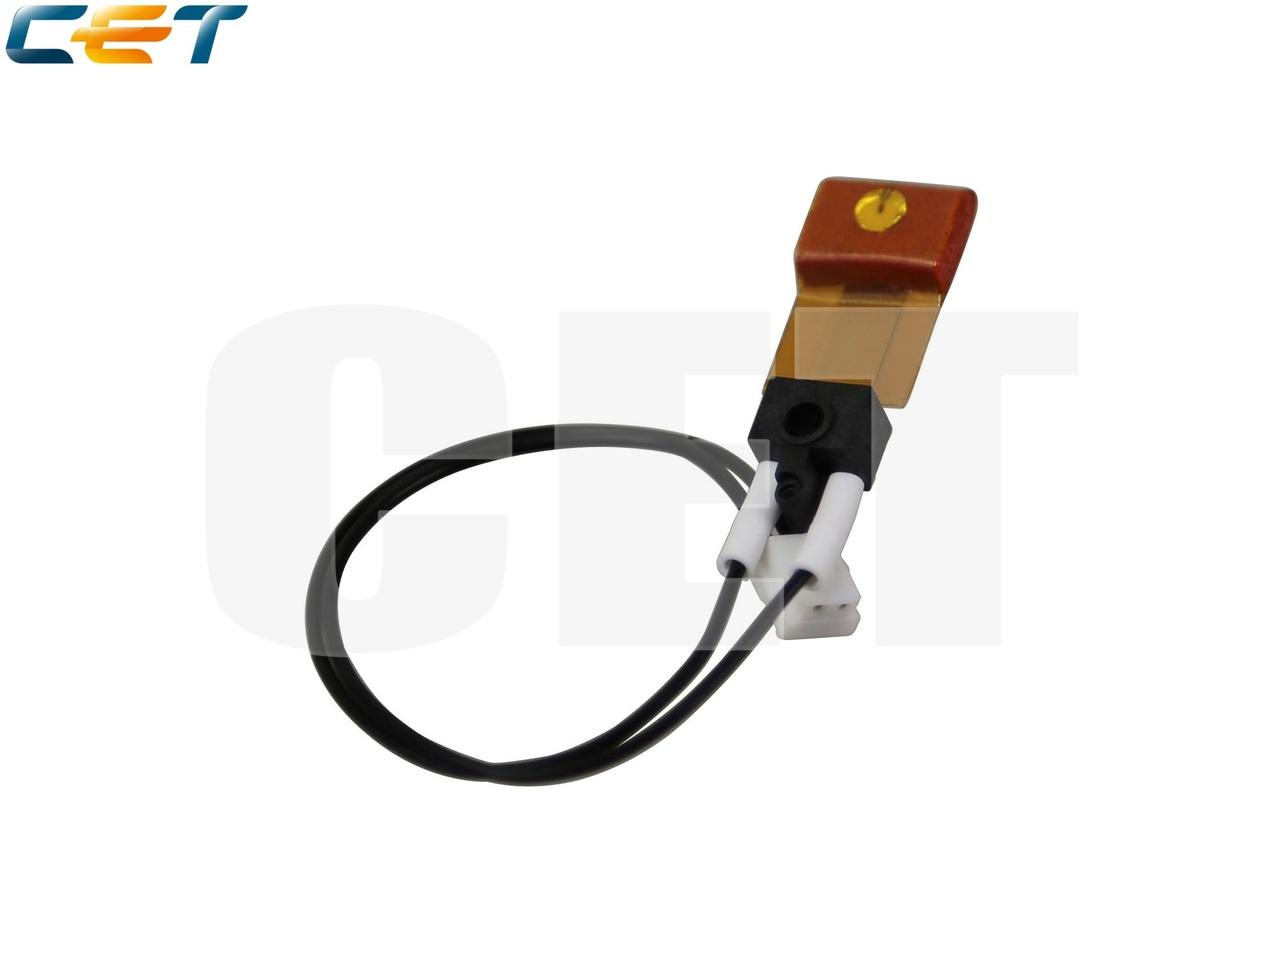 Термистор дополнительный FK2-7693-000 для CANON iRADVANCE 6055/6065/6075/6255/6265/6275 (CET), CET5159